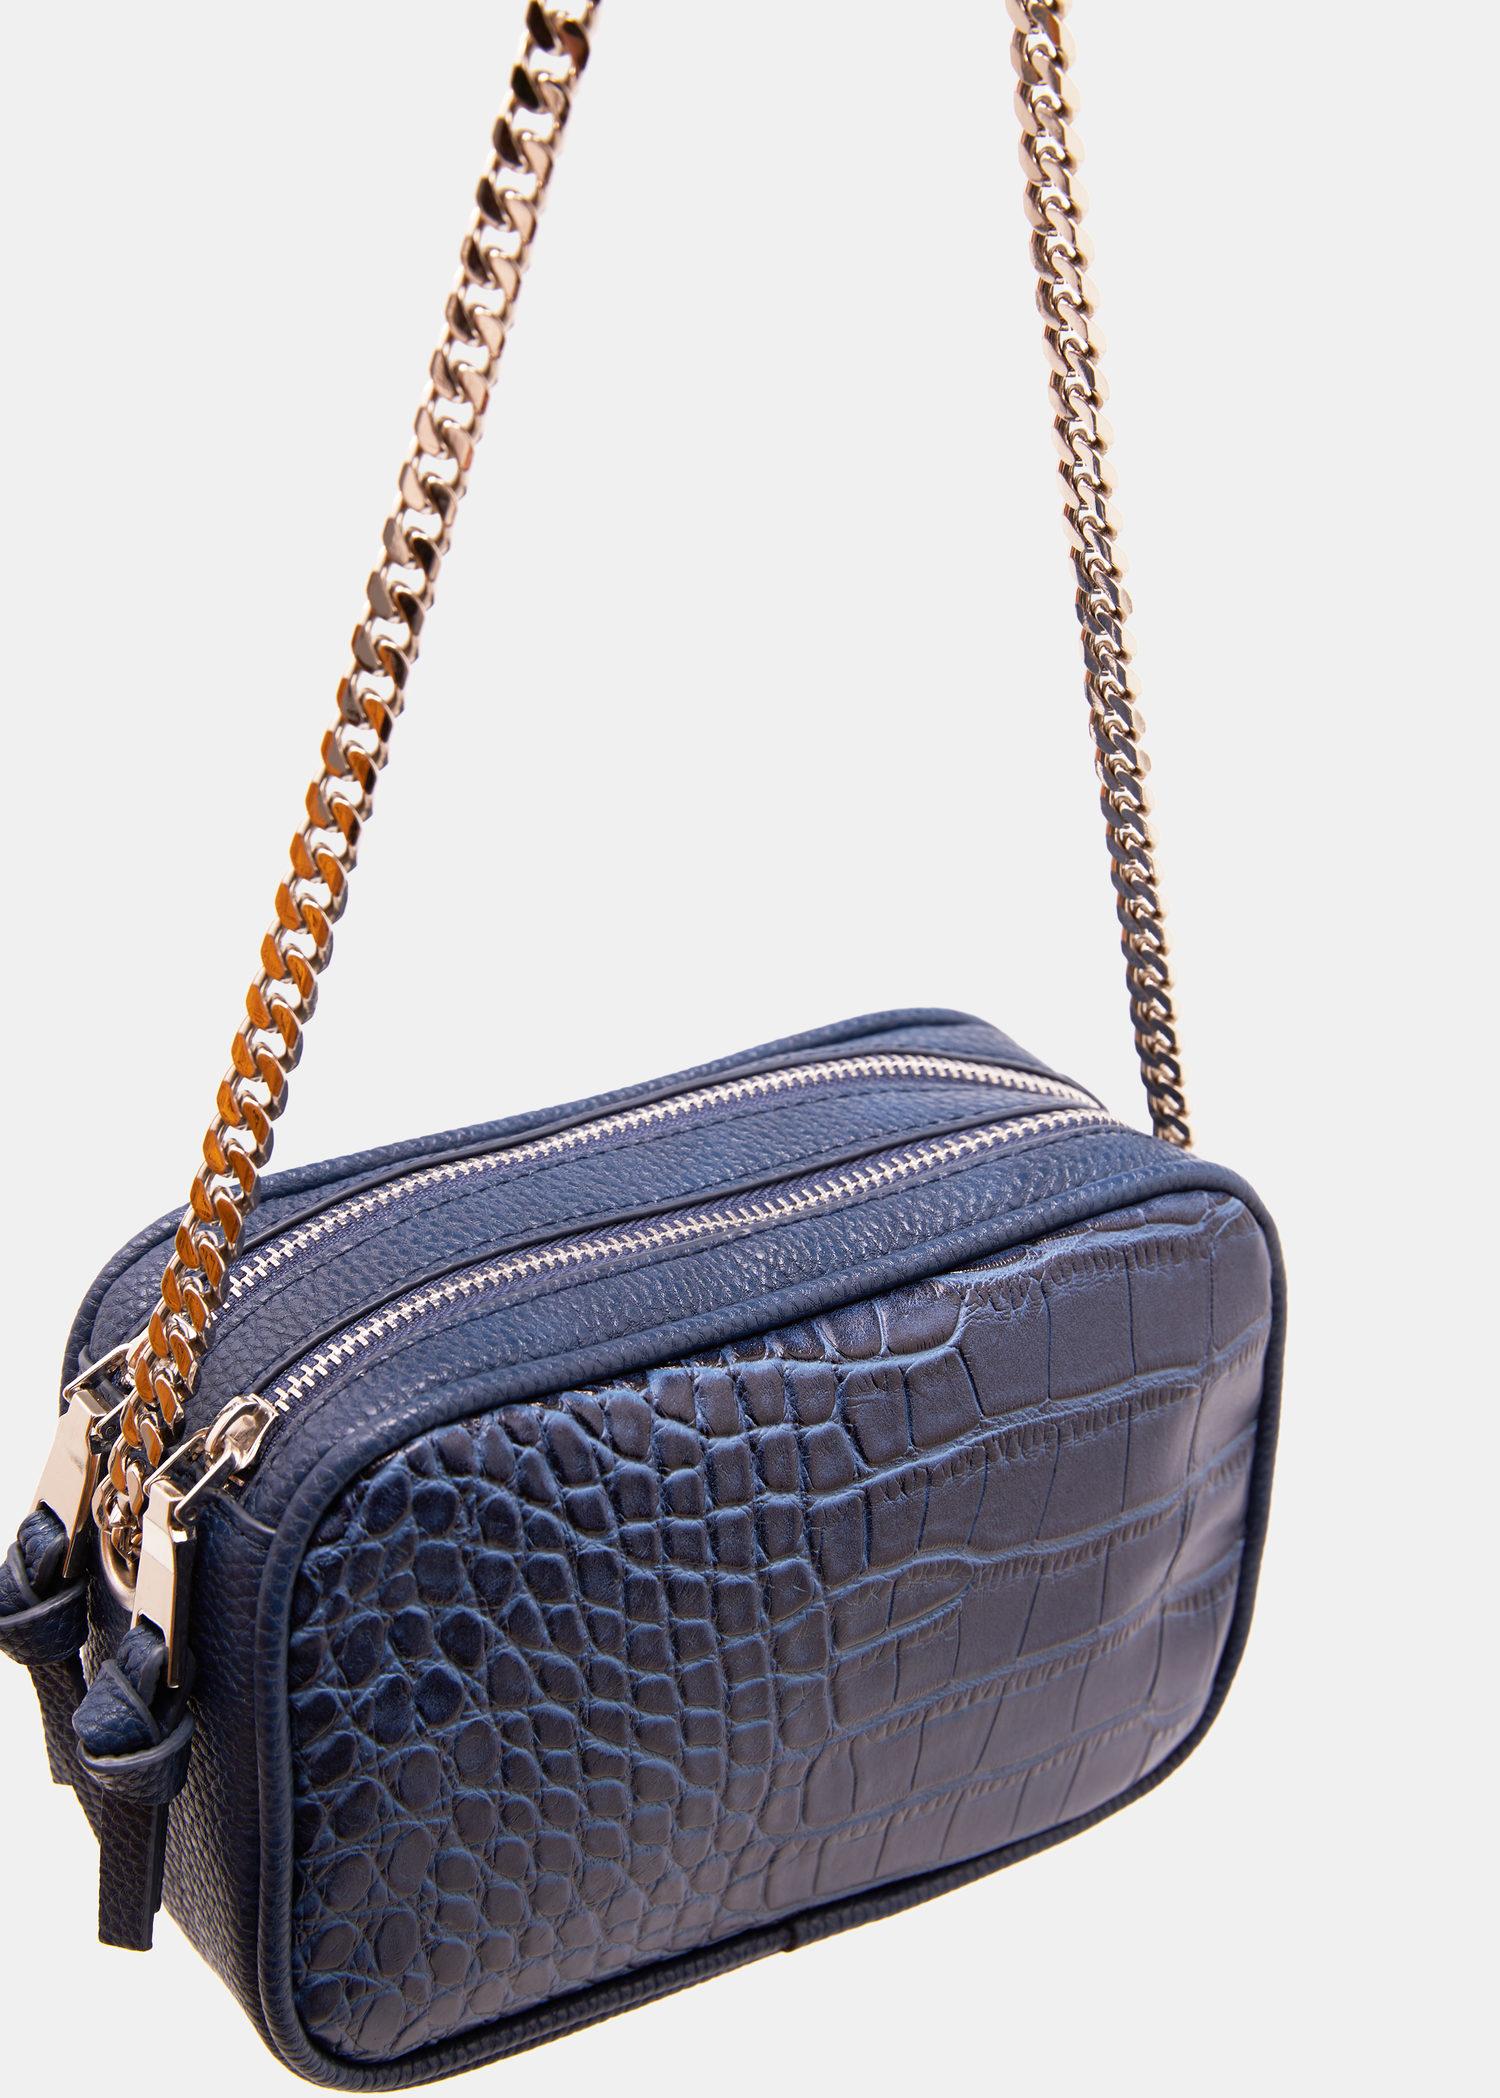 94cac8ba96958 Lyst - Violeta By Mango Croc-effect Cross Body Bag in Blue